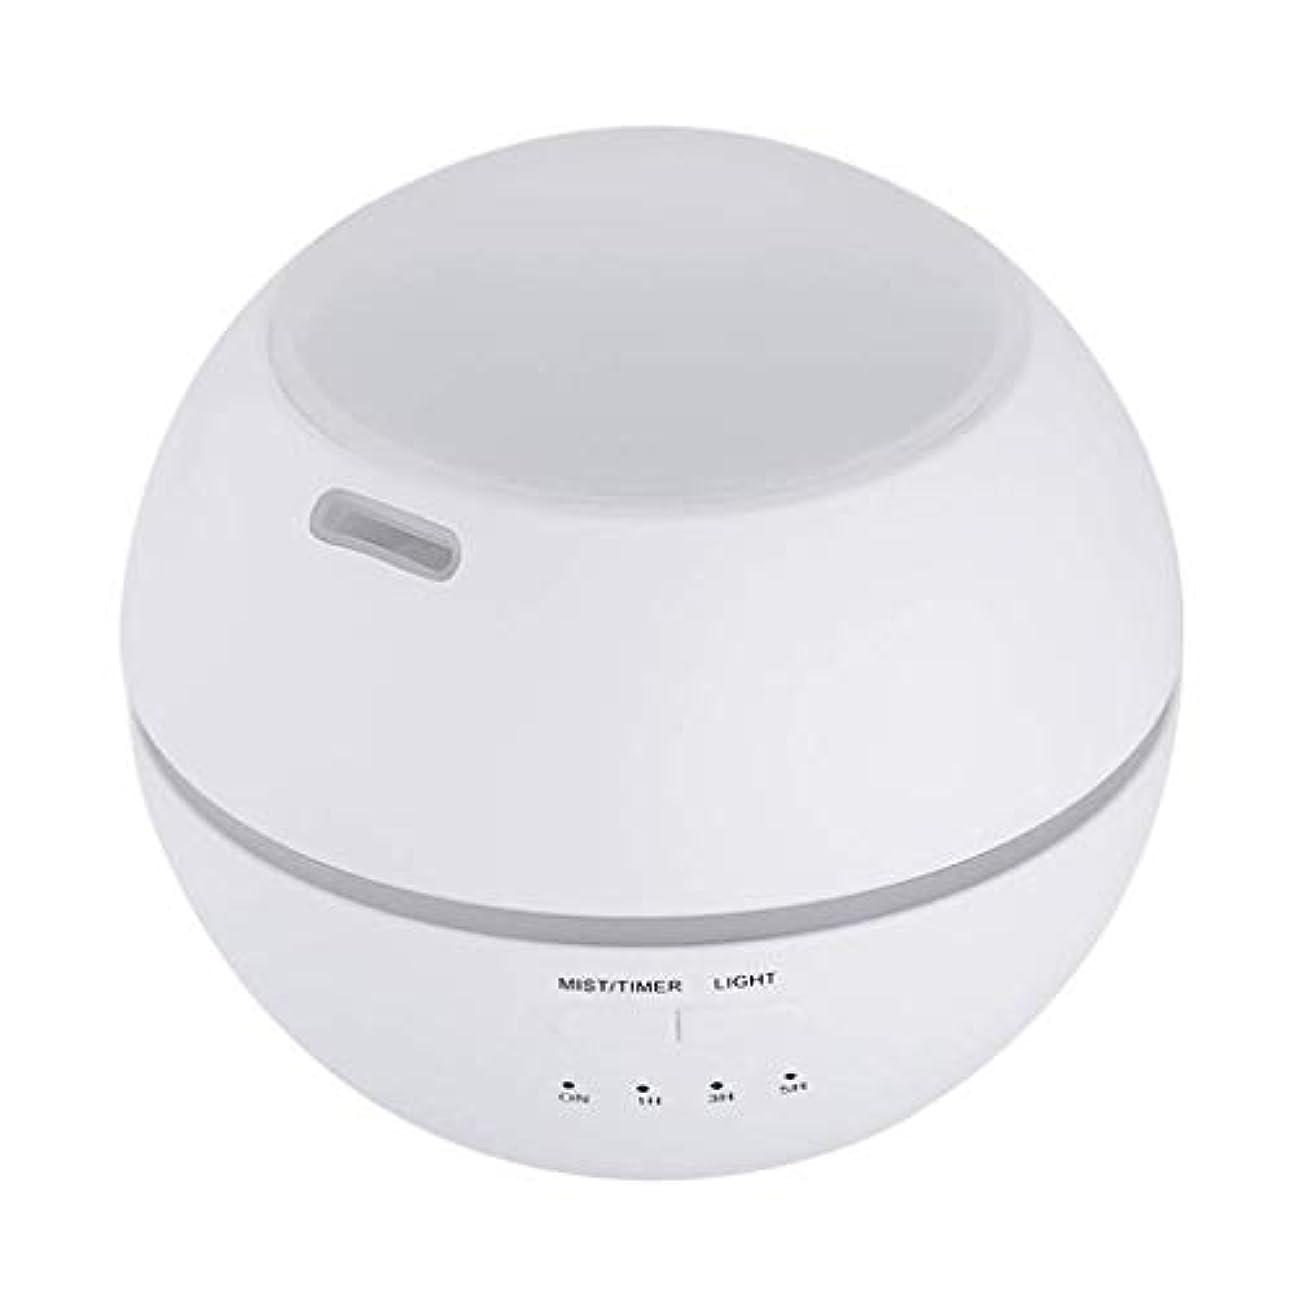 月面クラウドベーコン加湿器、ポータブルアロマテラピーランプ、エッセンシャルオイルディフューザー加湿器、LEDランプの色を変える、空気清浄アロマテラピーマシン、サイレント家庭用 (Color : 白)